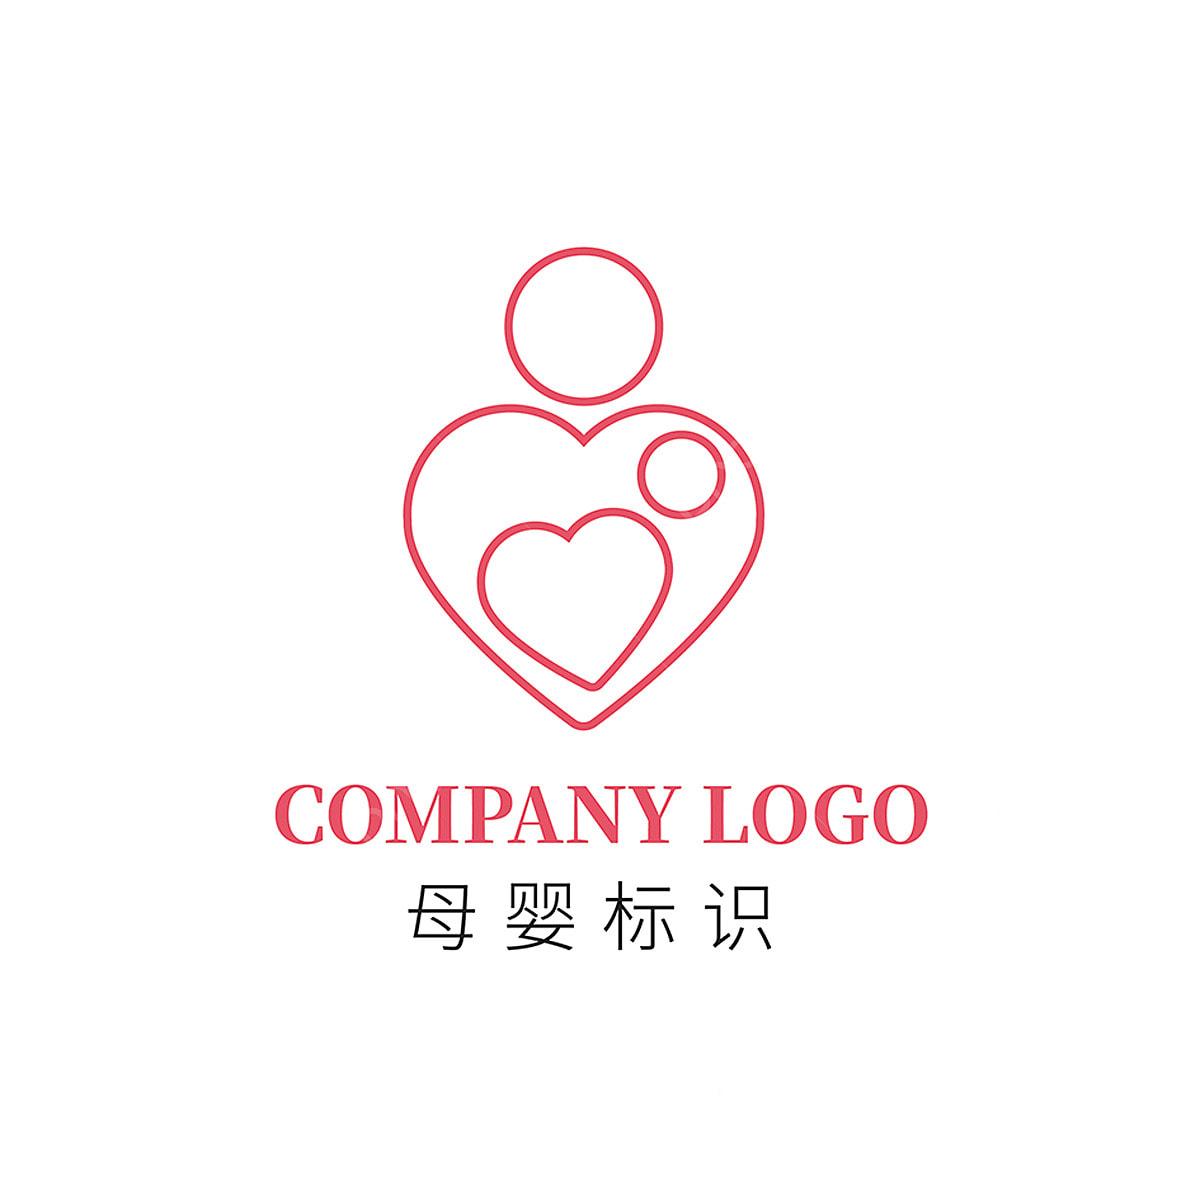 Ở pngtree Logo Mẹ Và Bé Sáng Tạo Vẽ Tay Người đàn ông Thiết Kế Logo Bé Mẹ  mẫu được tải về miễn phí